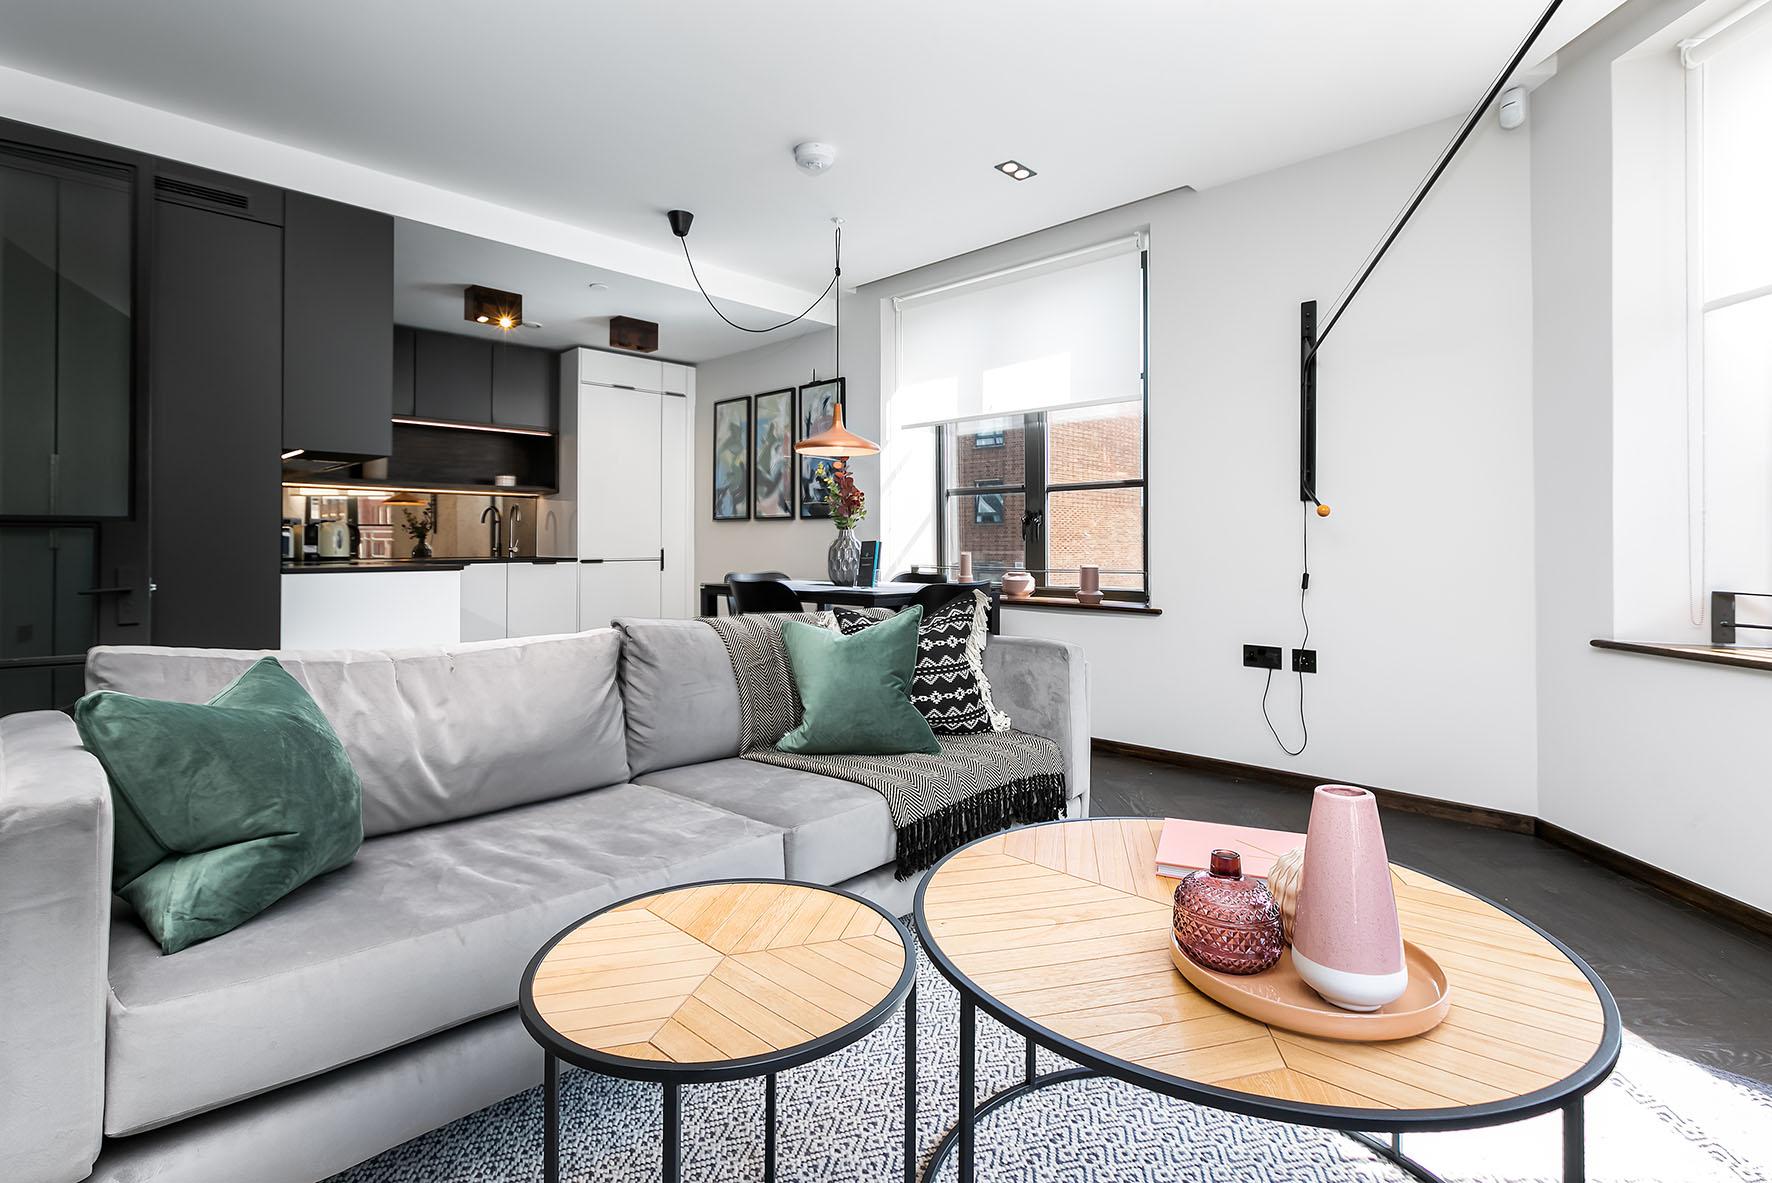 Lovelydays luxury service apartment rental - London - Soho - Noel Street VI - Lovelysuite - 2 bedrooms - 2 bathrooms - Luxury living room - 11feae43cb7c - Lovelydays